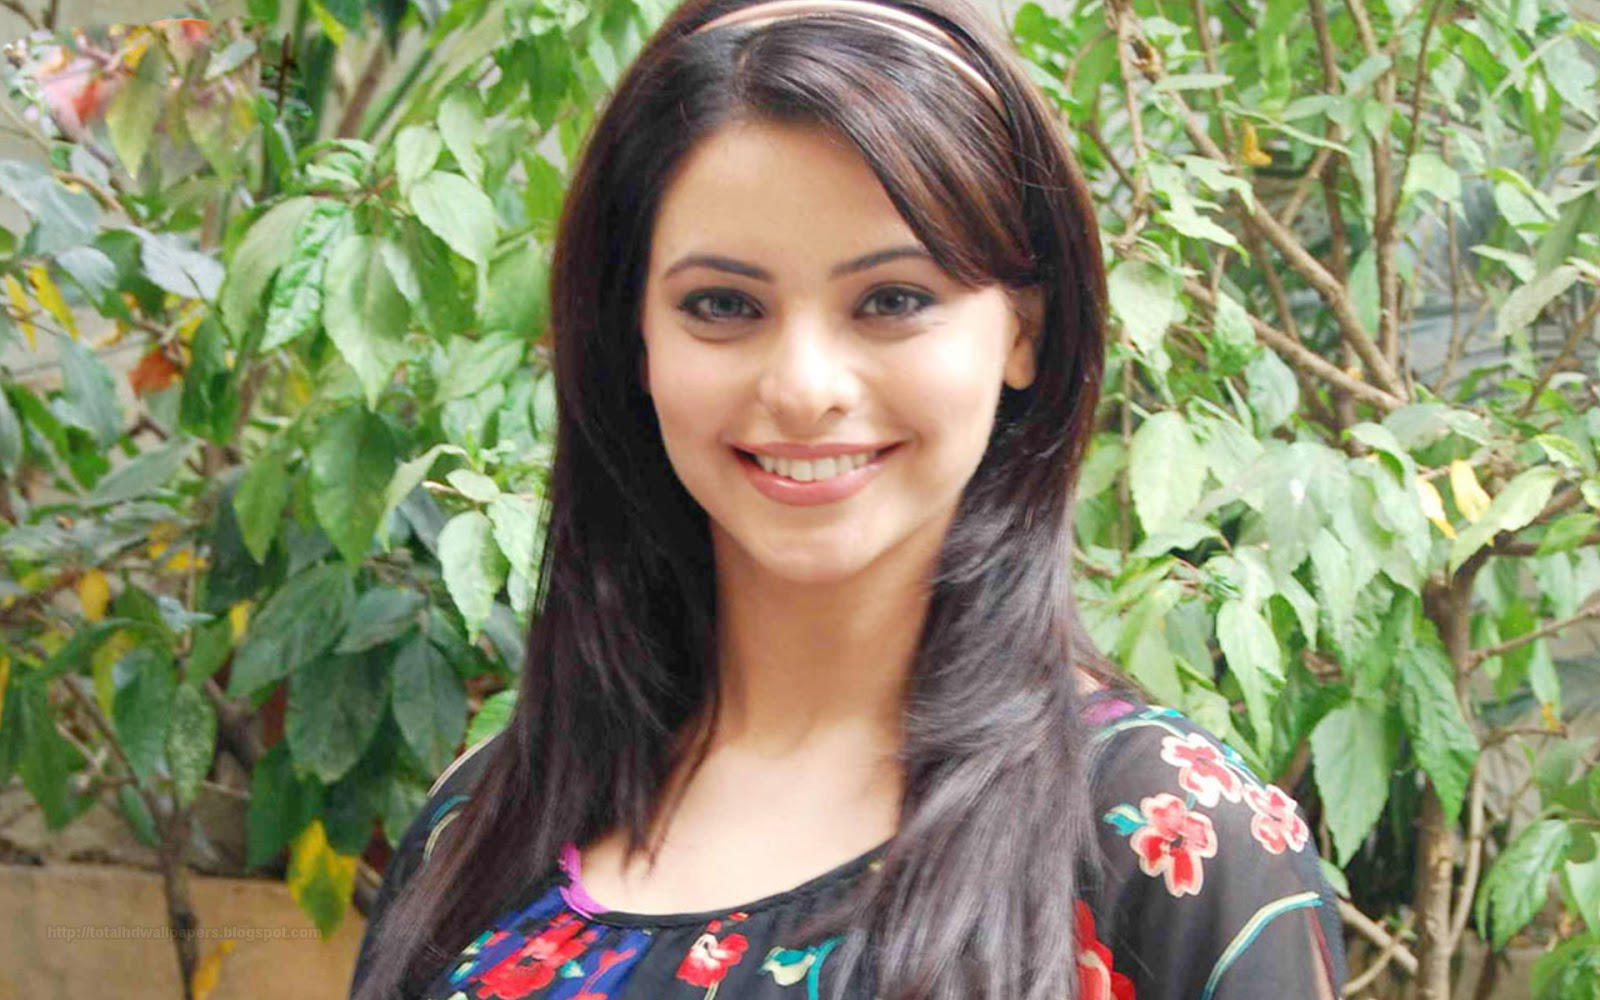 Hd wallpaper bollywood - Latest Bollywood Wallpapers Bollywood Actress Hd Wallpapers 1080p